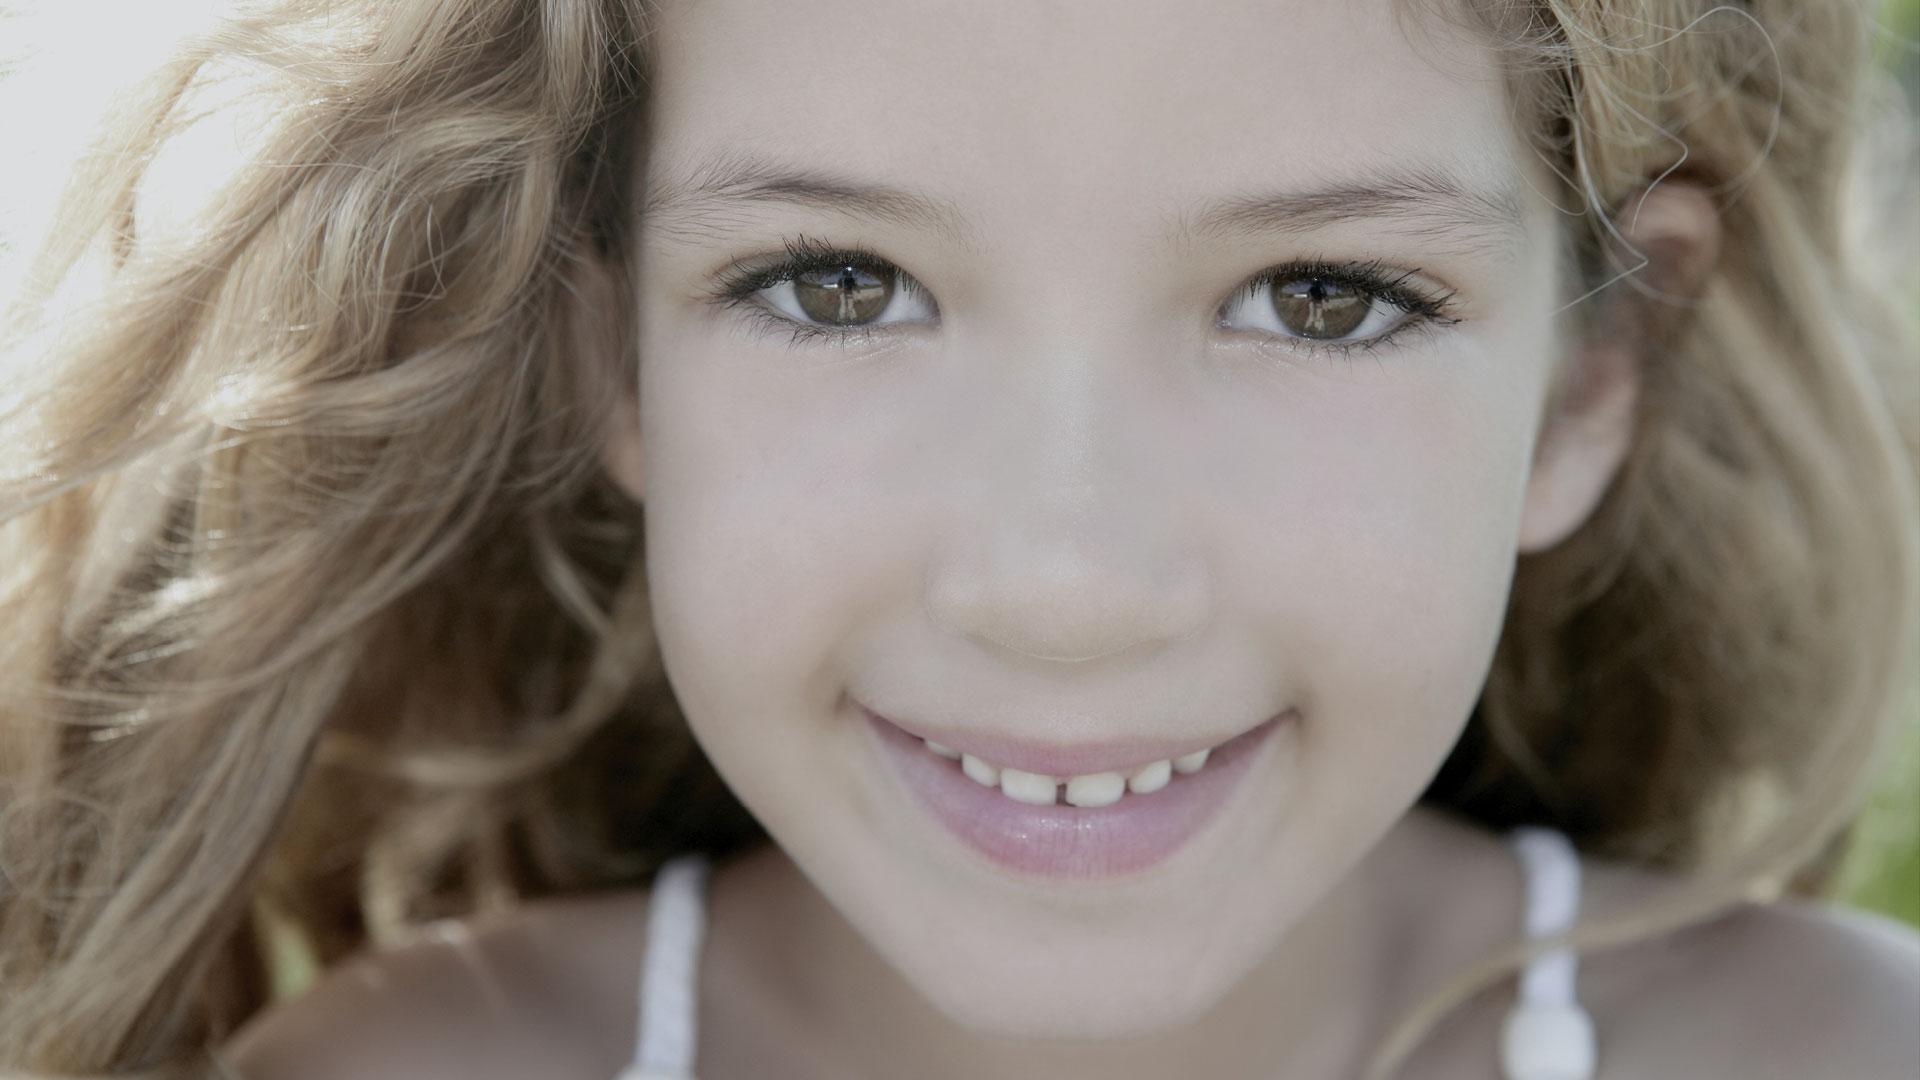 Sensational Smiles Dental Family Dental